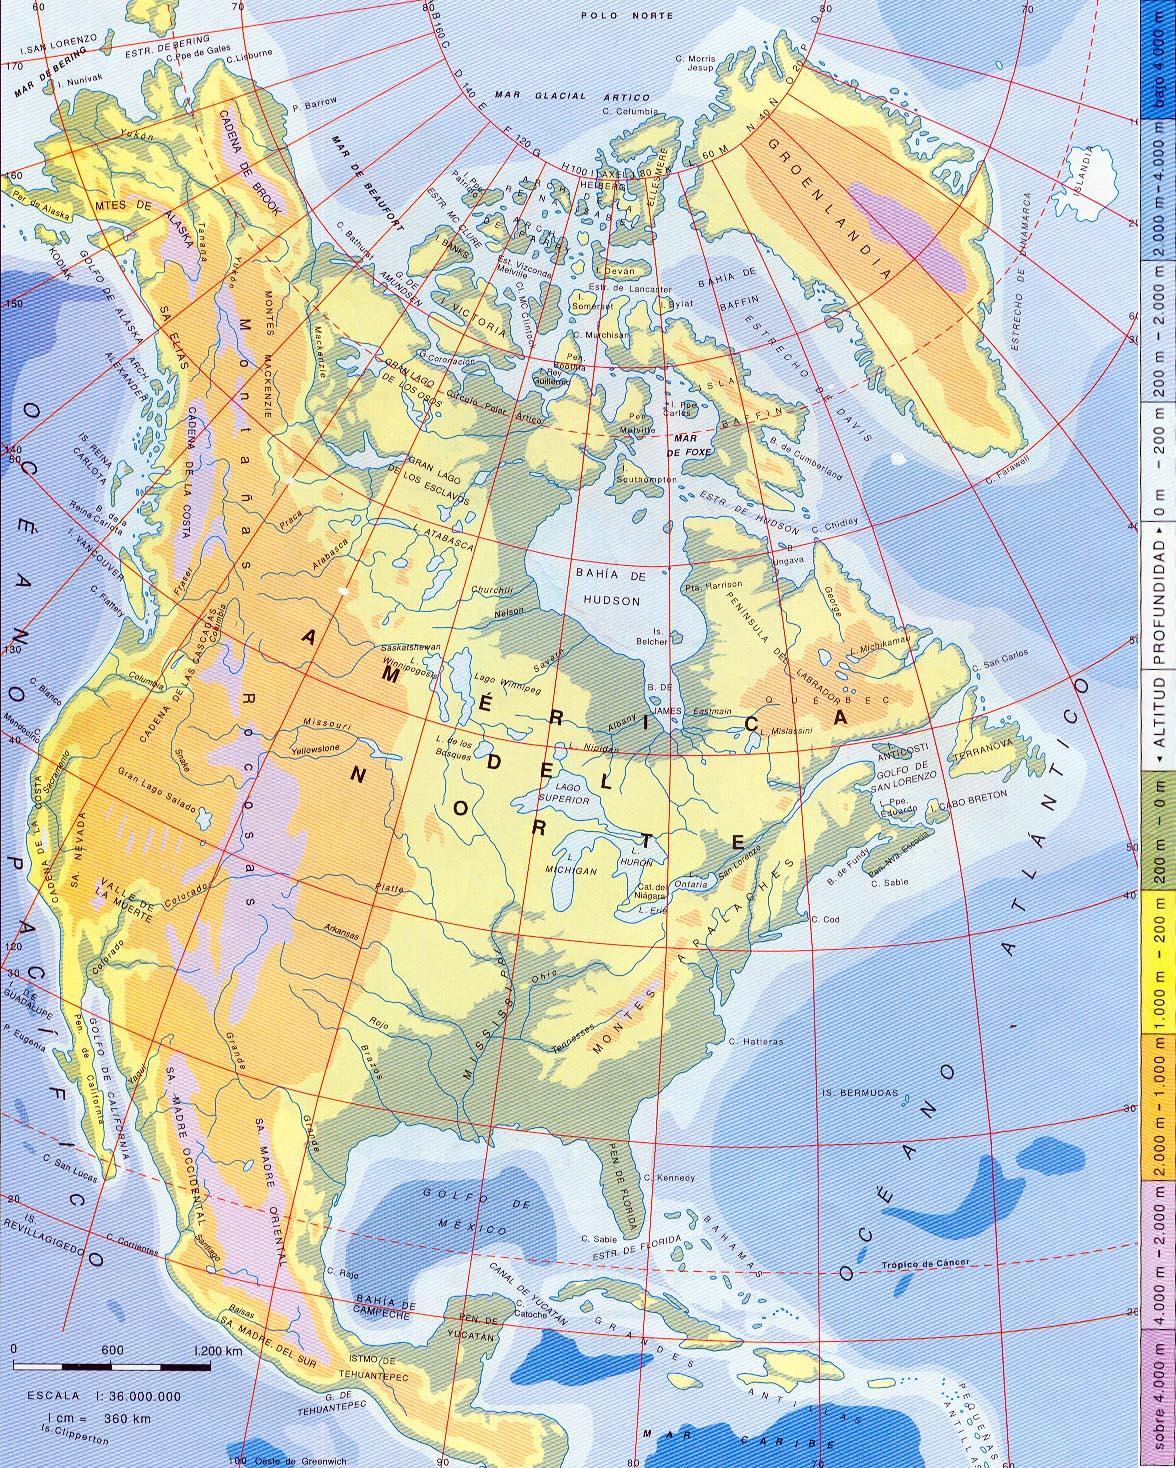 Mapa Físico de América del Norte